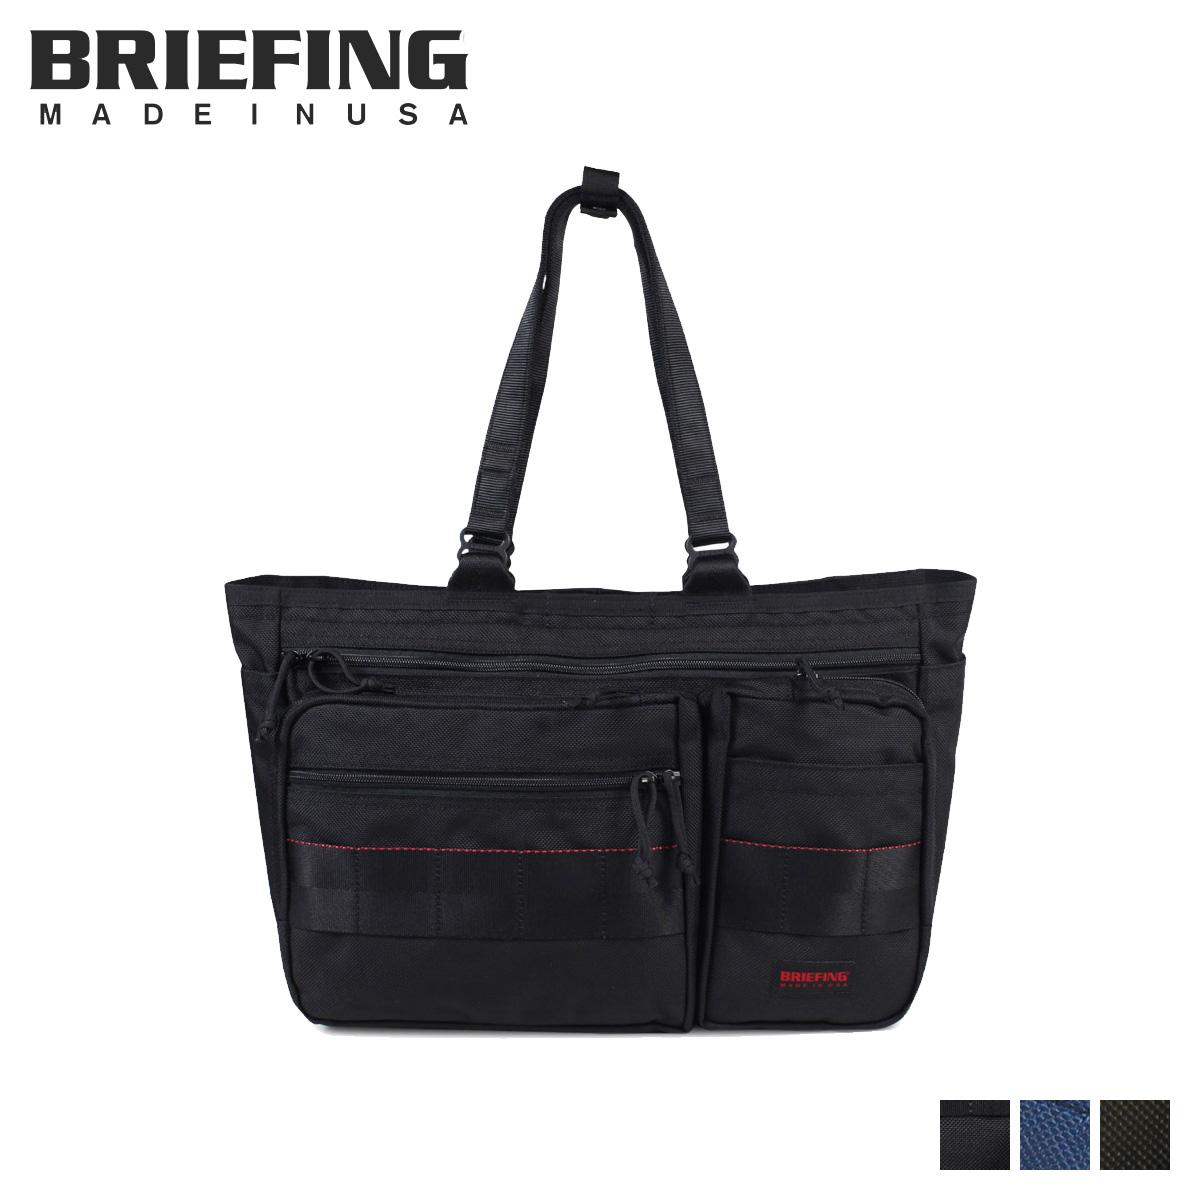 BRIEFING BS TOTE WIDE ブリーフィング バッグ トートバッグ BRF301219 メンズ ブラック ネイビー オリーブ 黒 [11/20 再入荷]